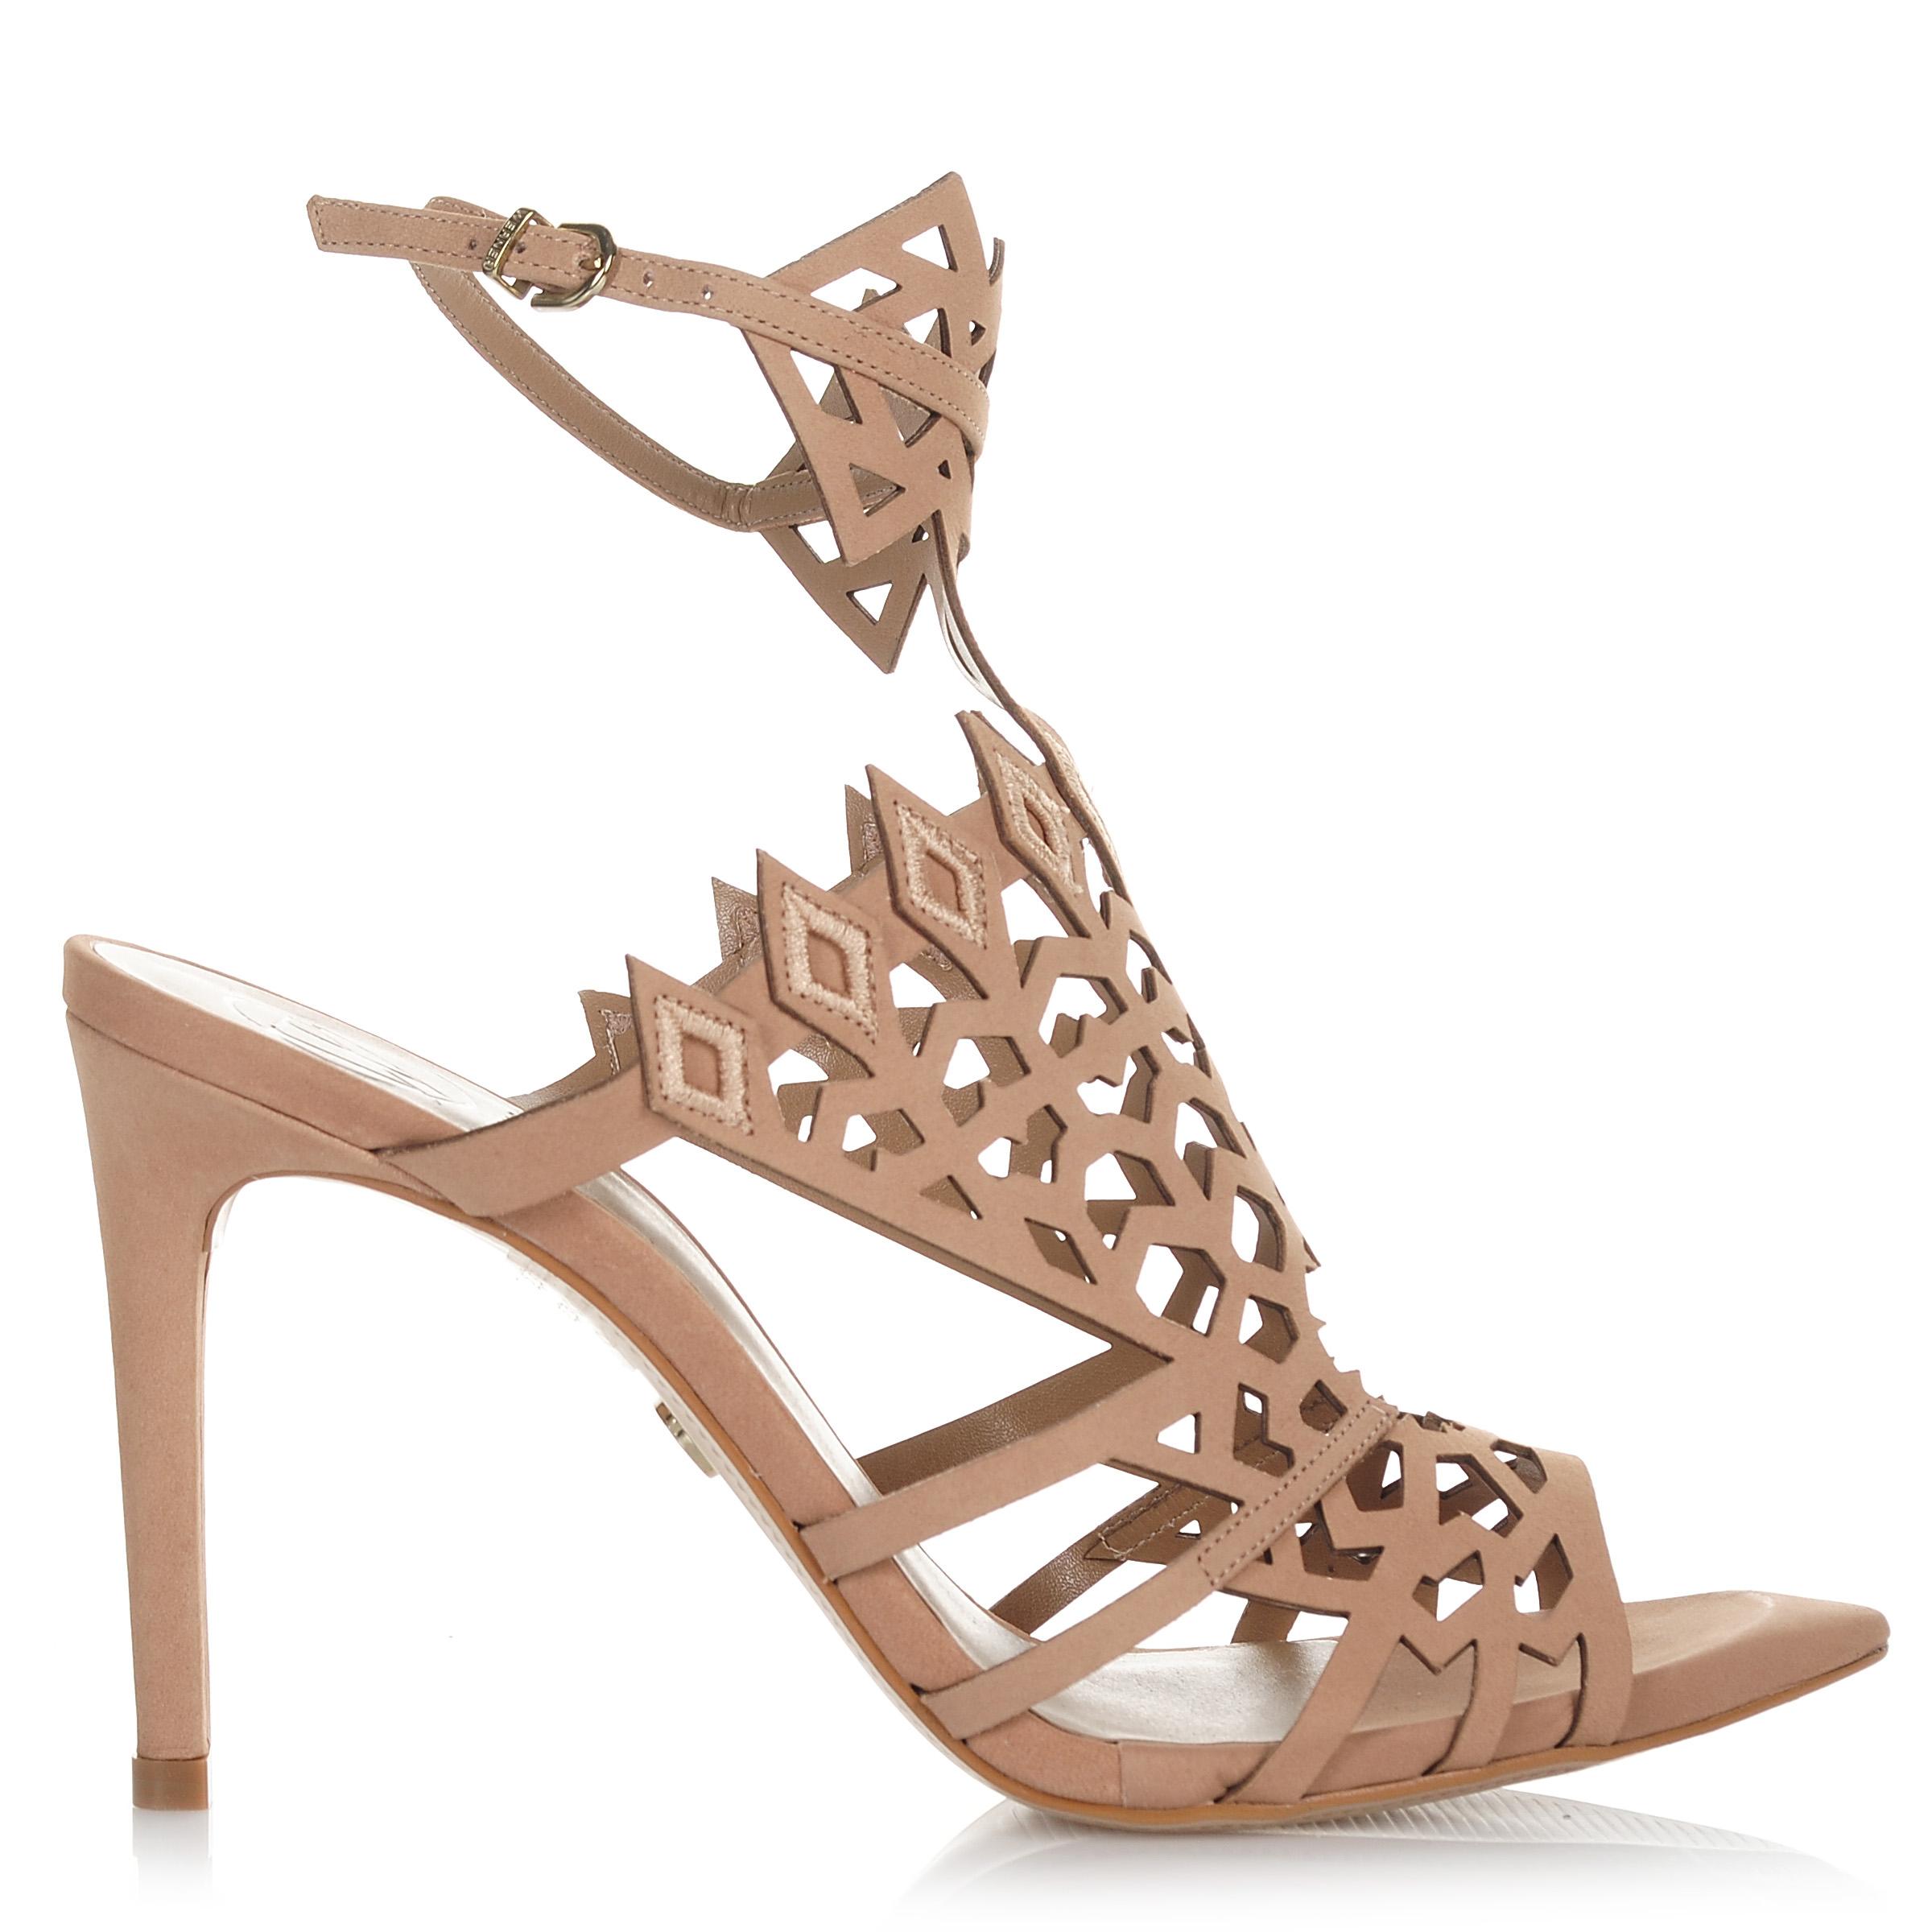 Δερμάτινο Πέδιλο Werner 80810 γυναικα   γυναικείο παπούτσι